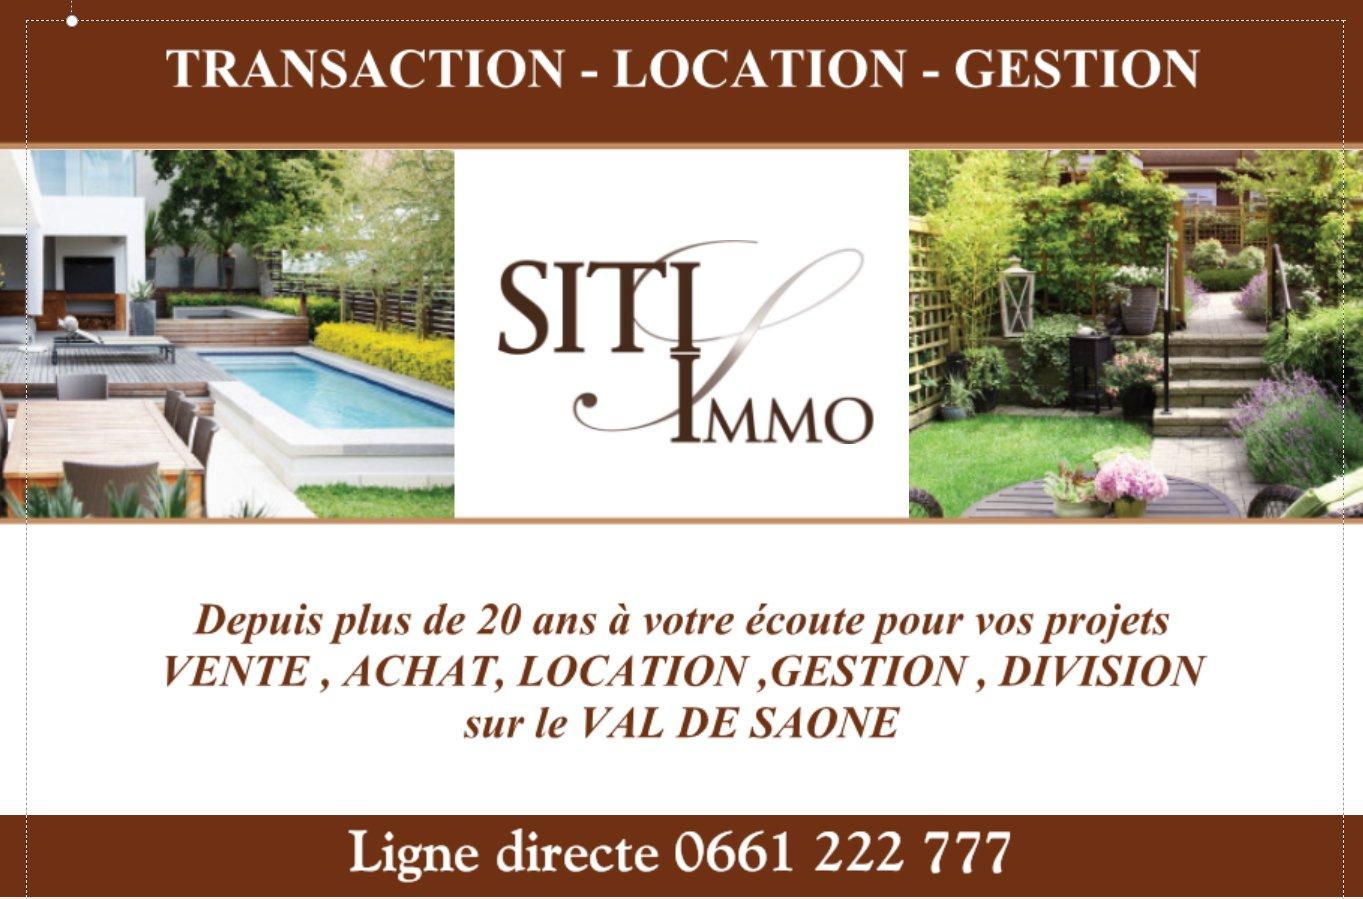 Agence Siti